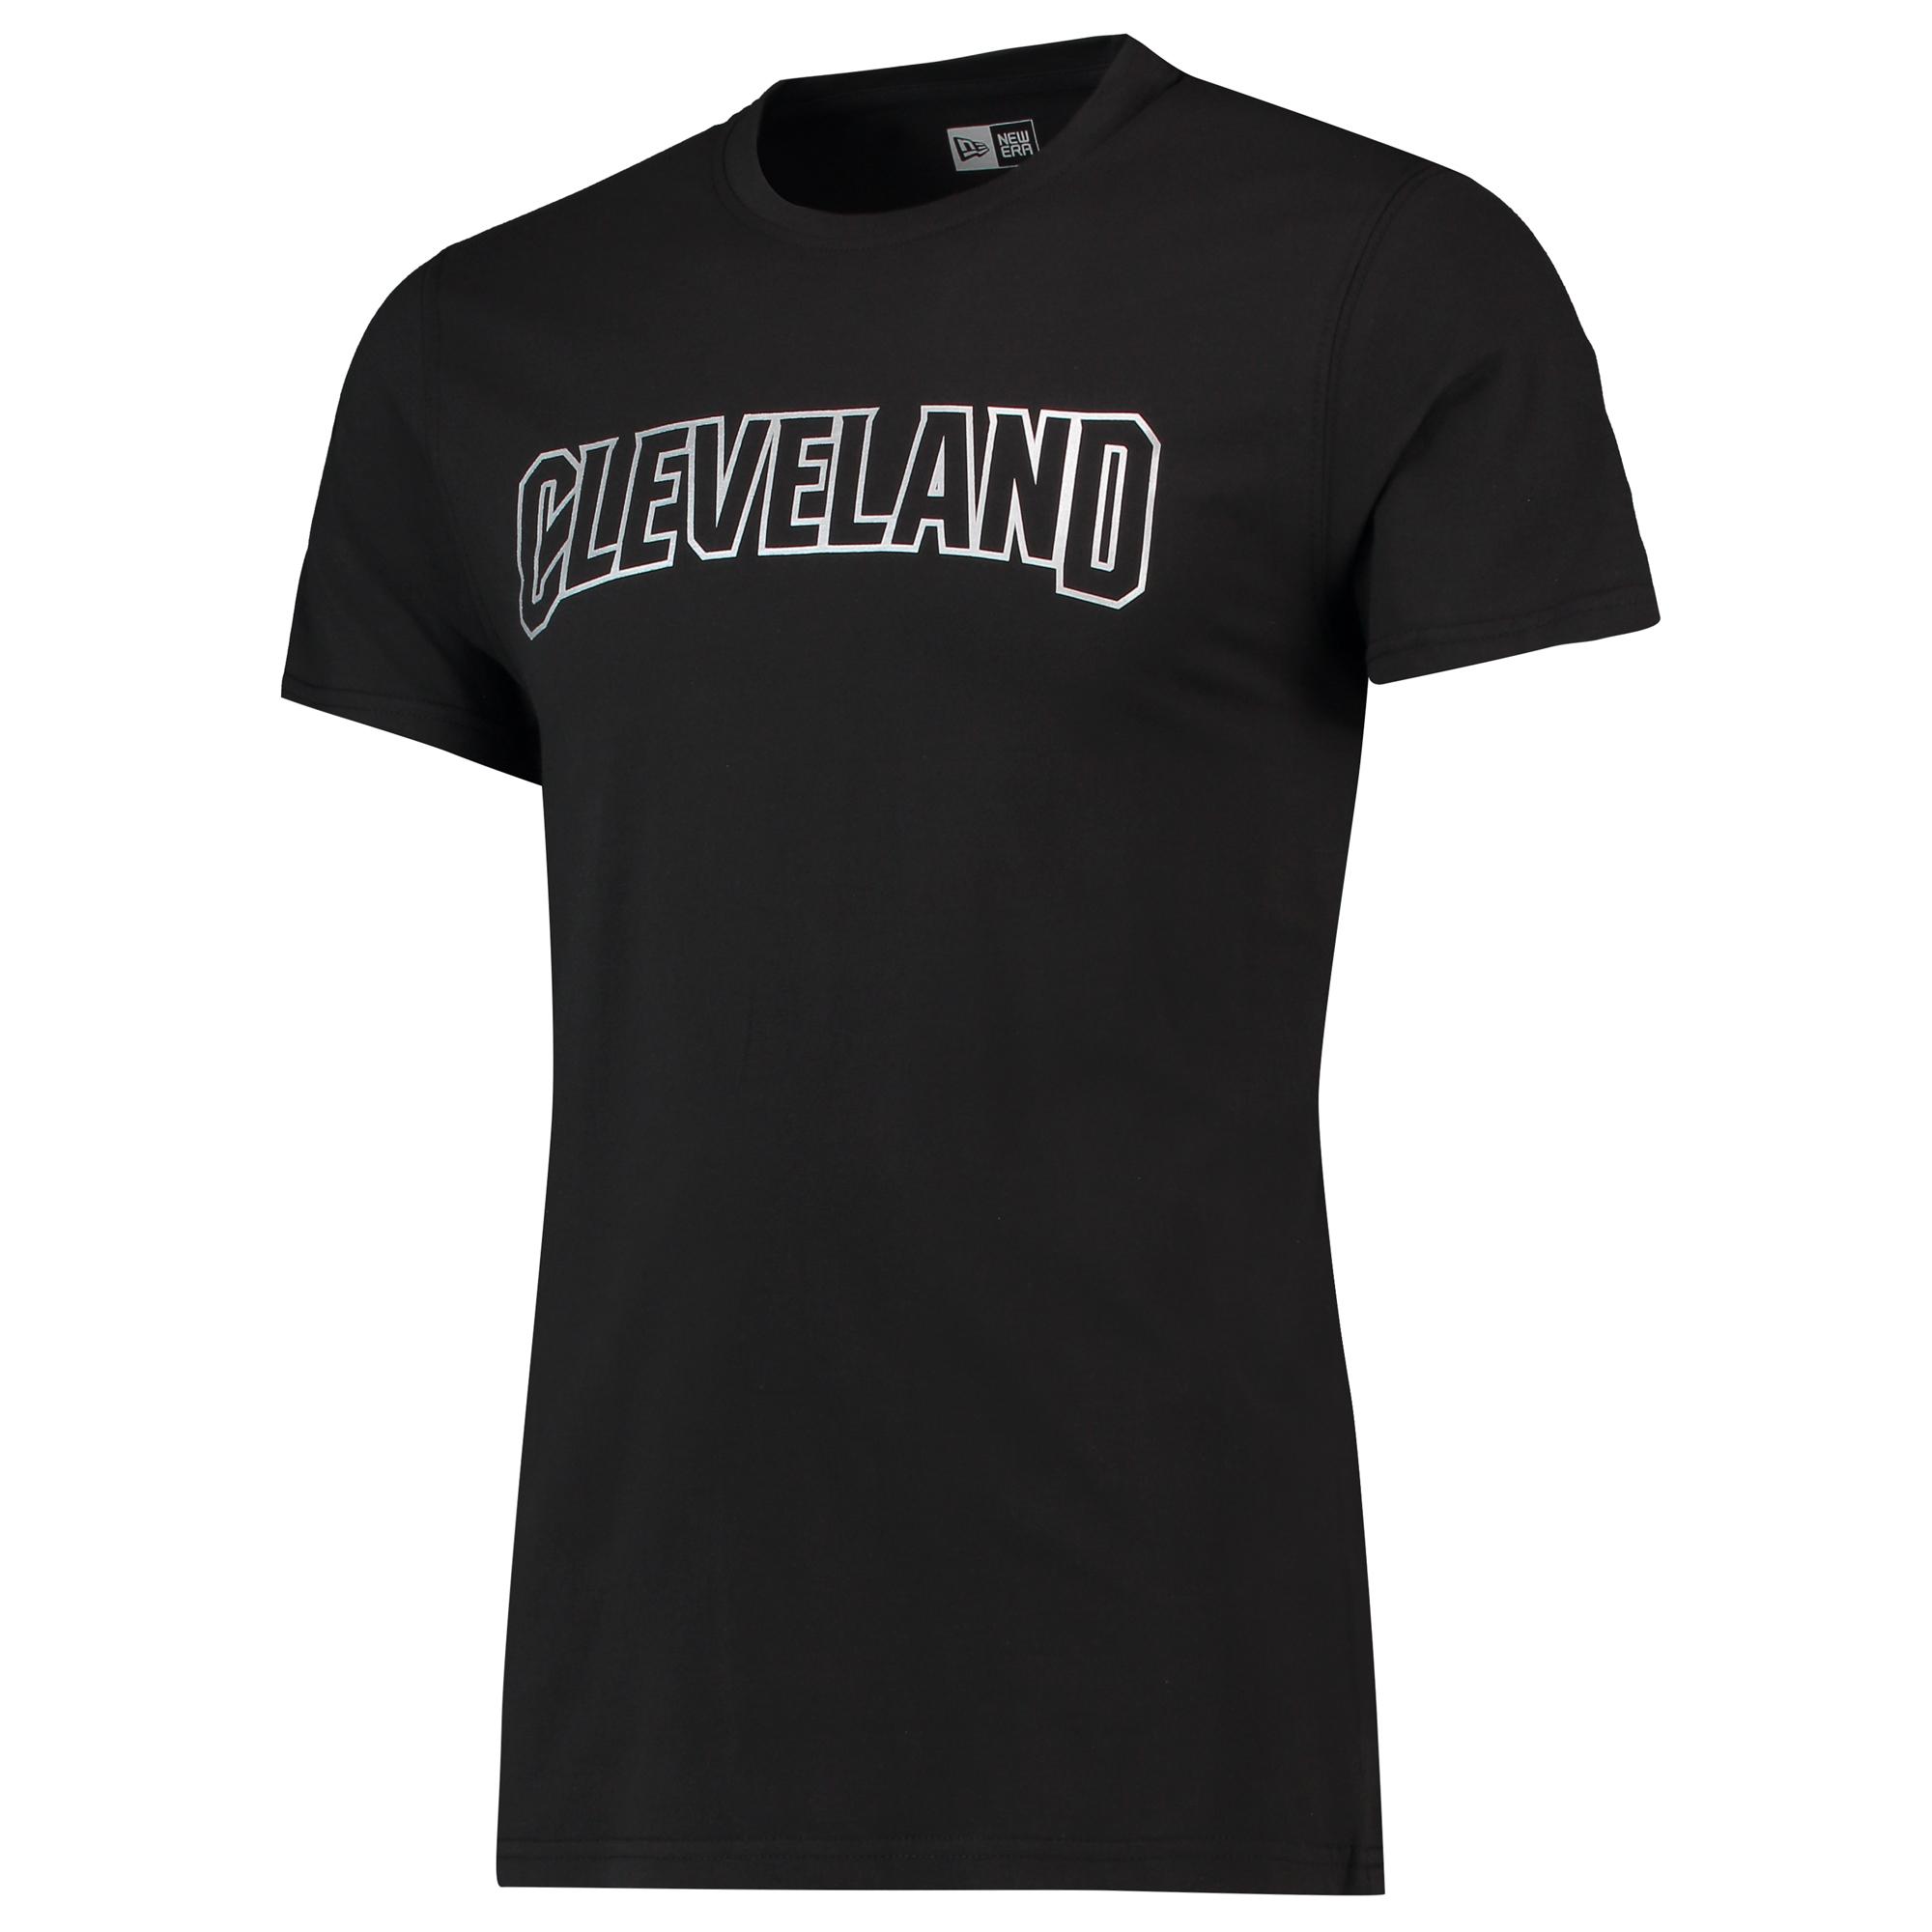 Camiseta Graphic de los Cleveland Cavaliers de New Era para hombre